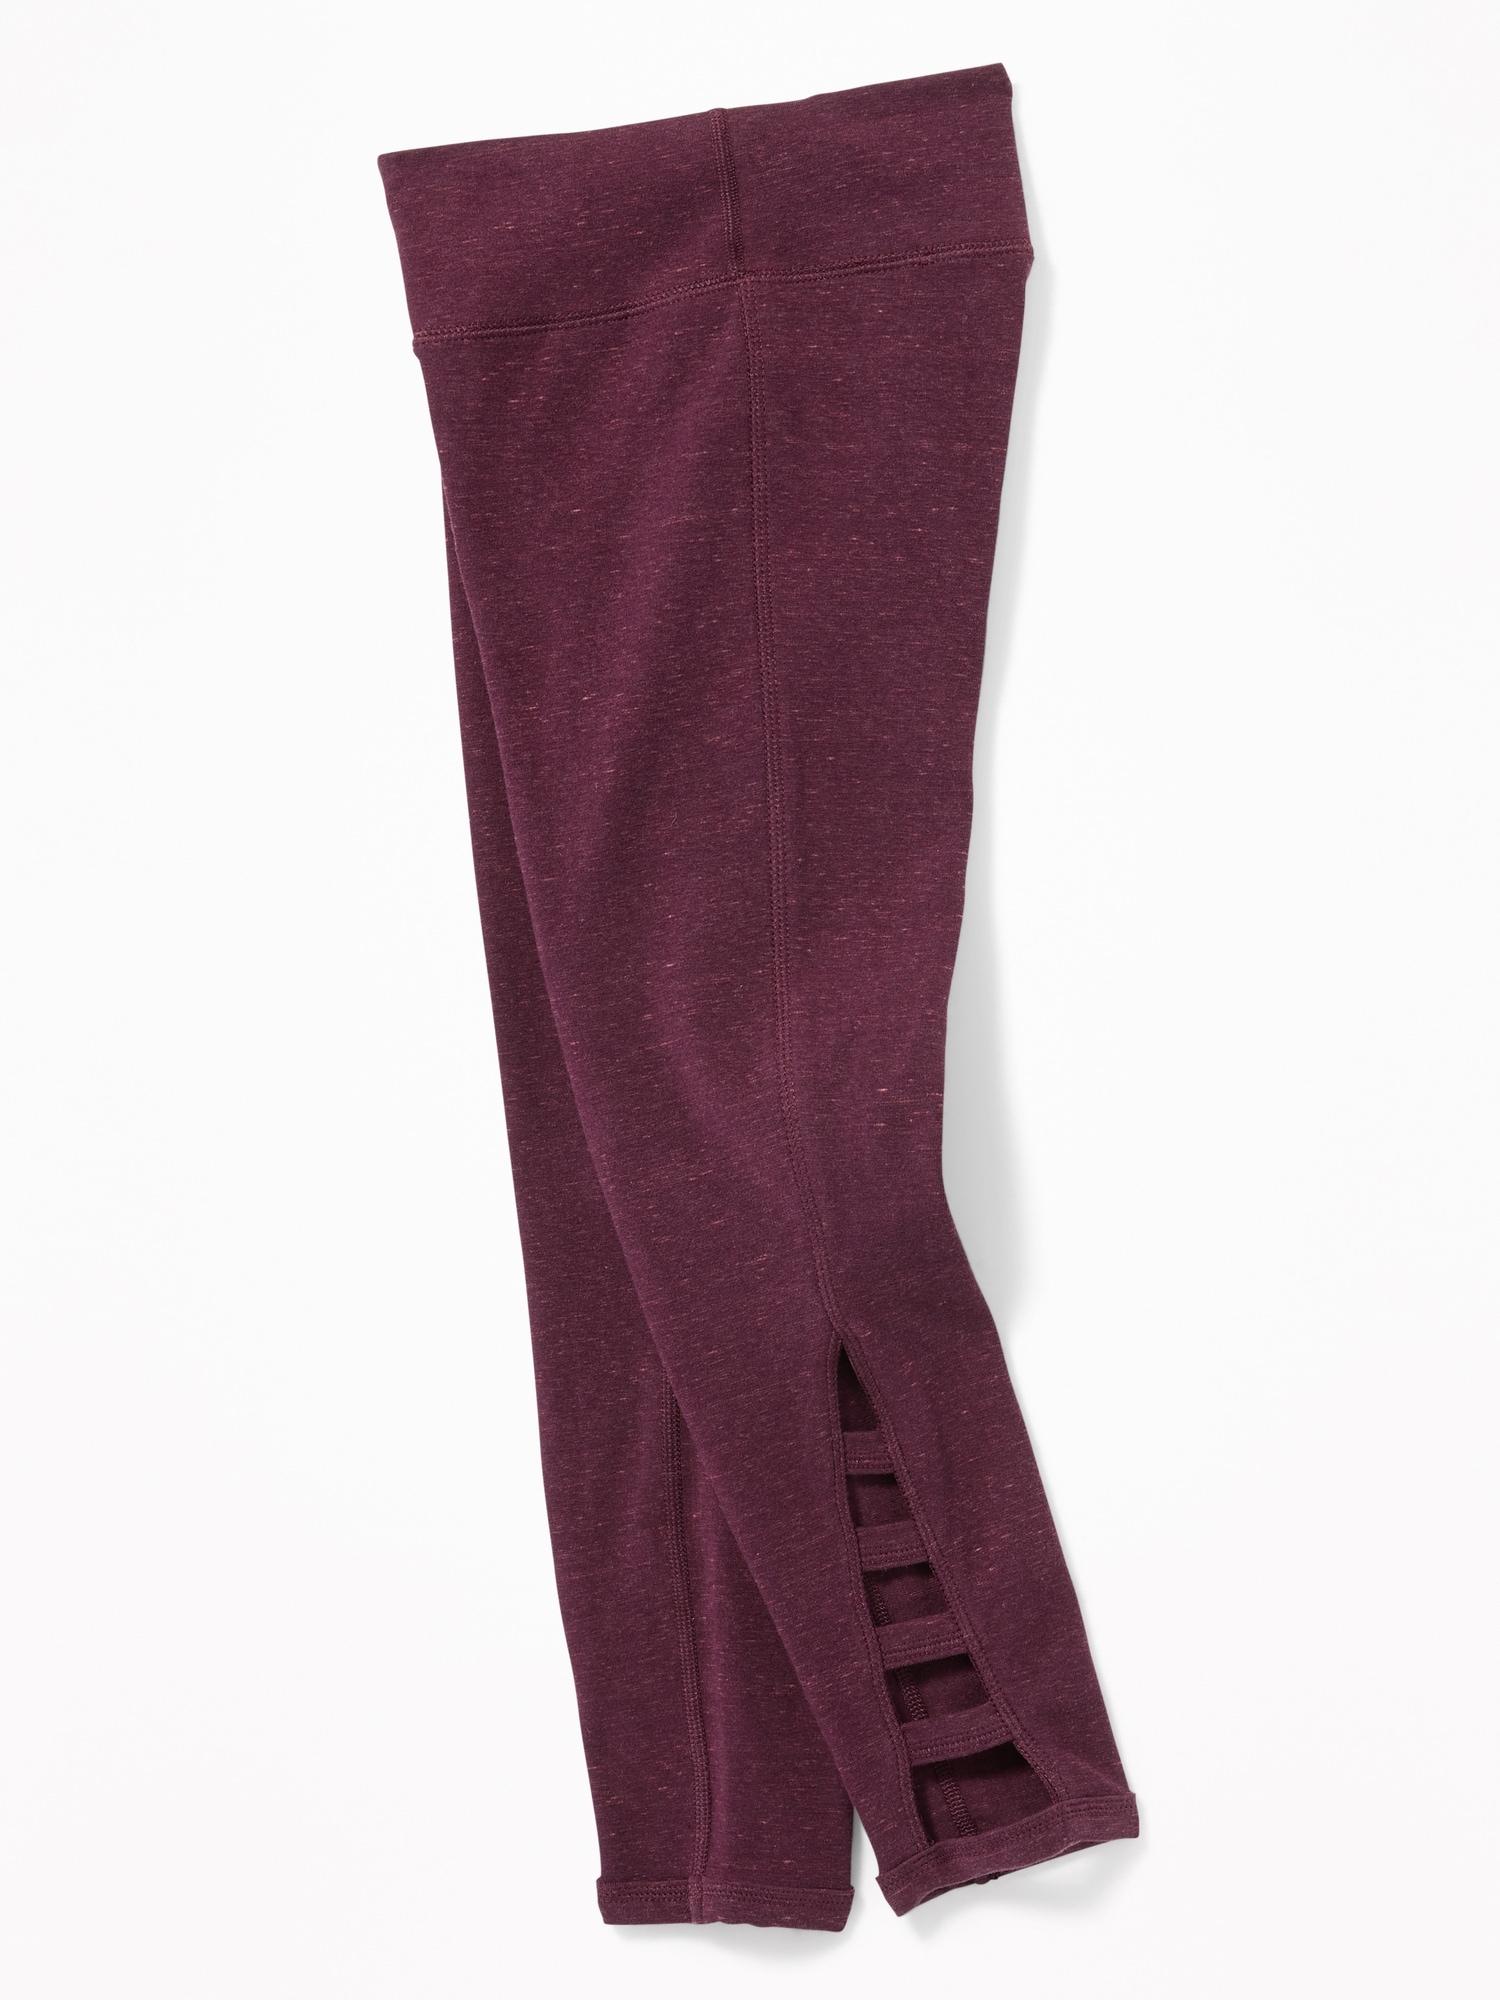 7/8 Length Lattice Hem Leggings For Girls by Old Navy